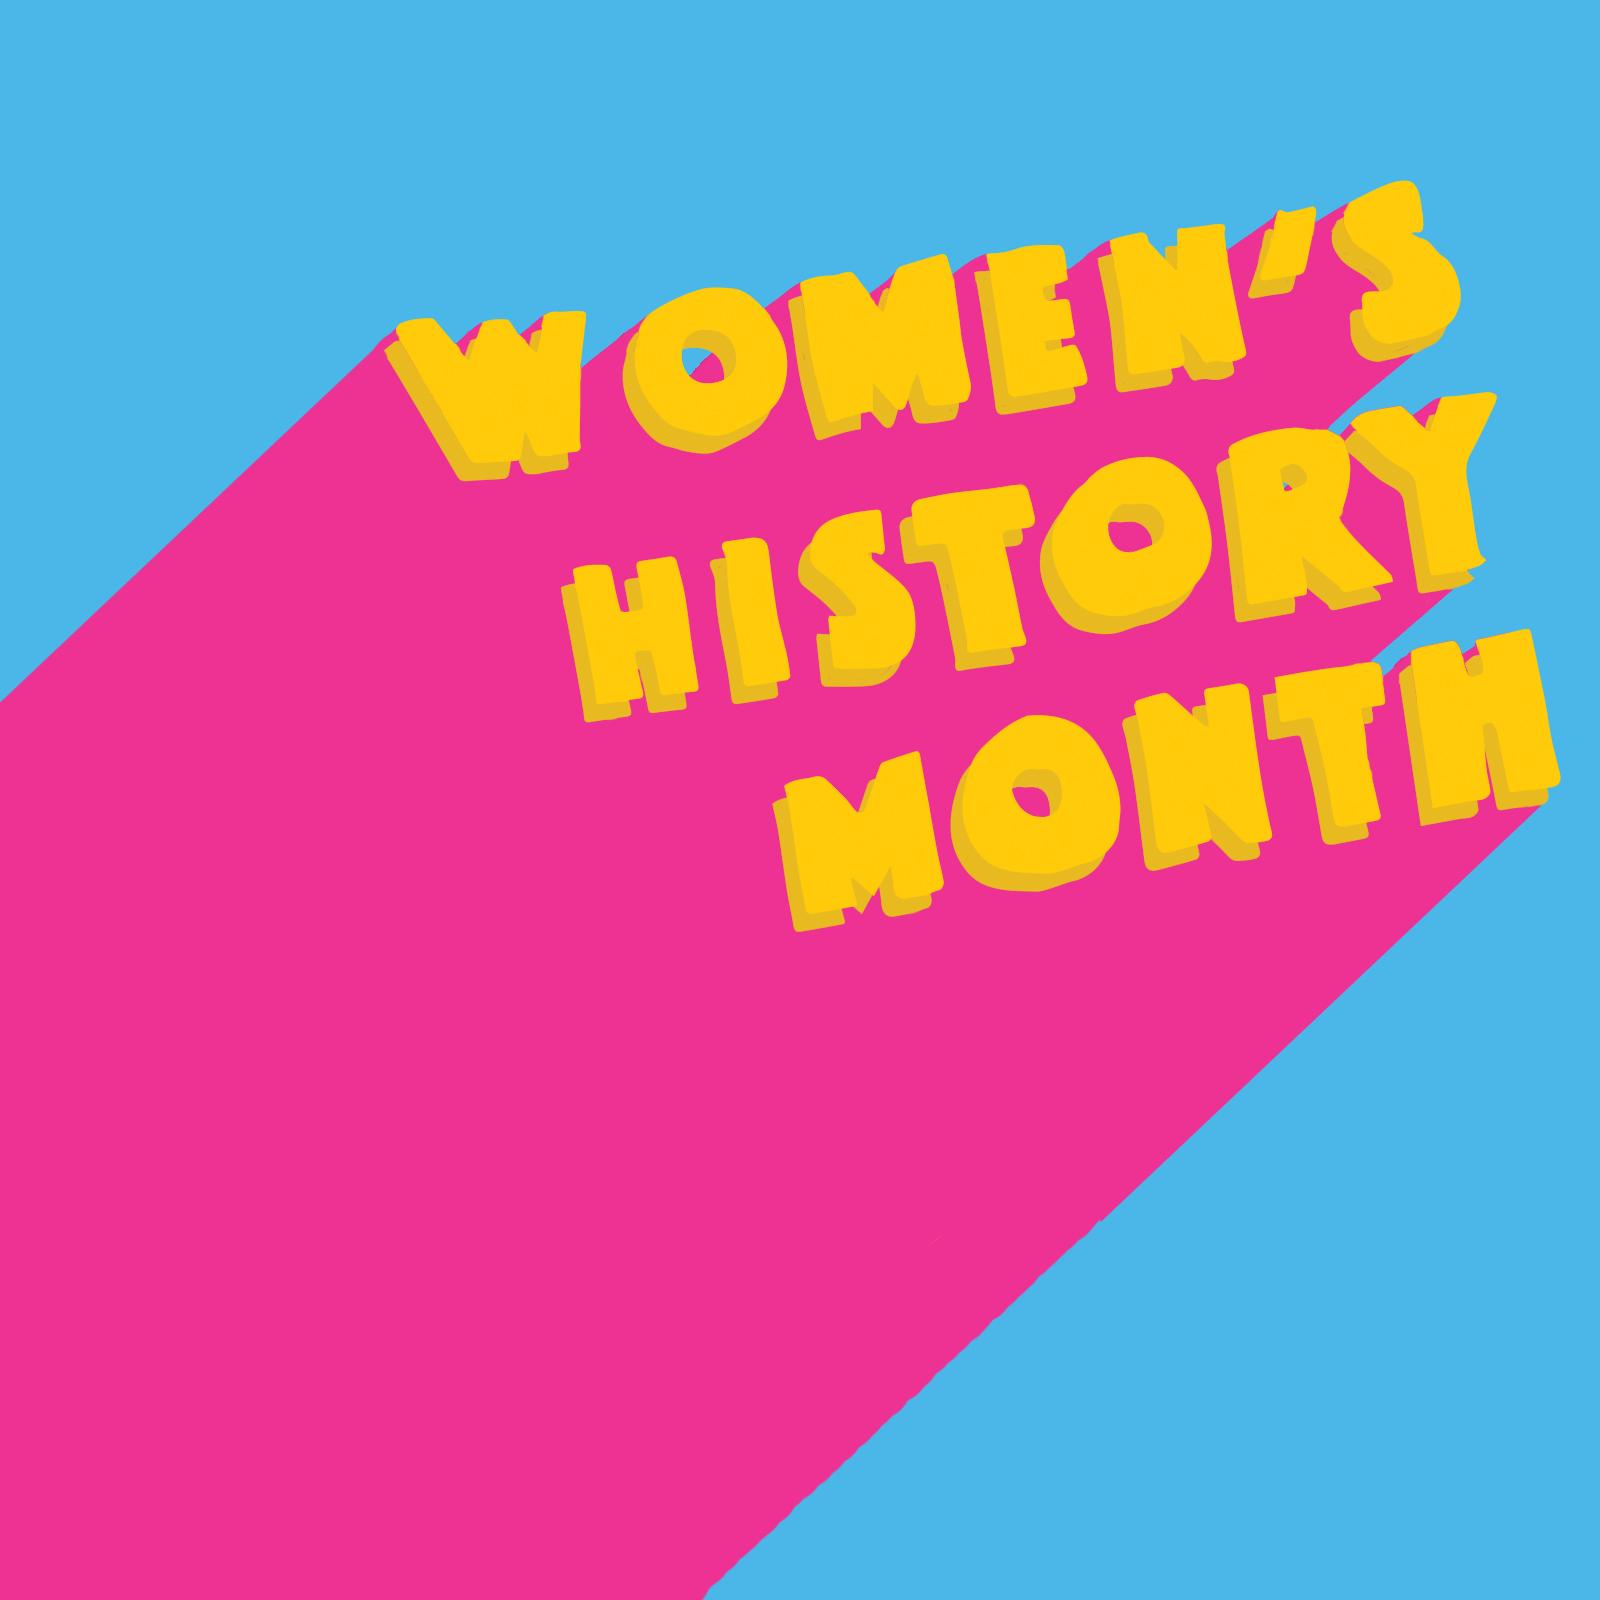 womens history month rgb.jpg